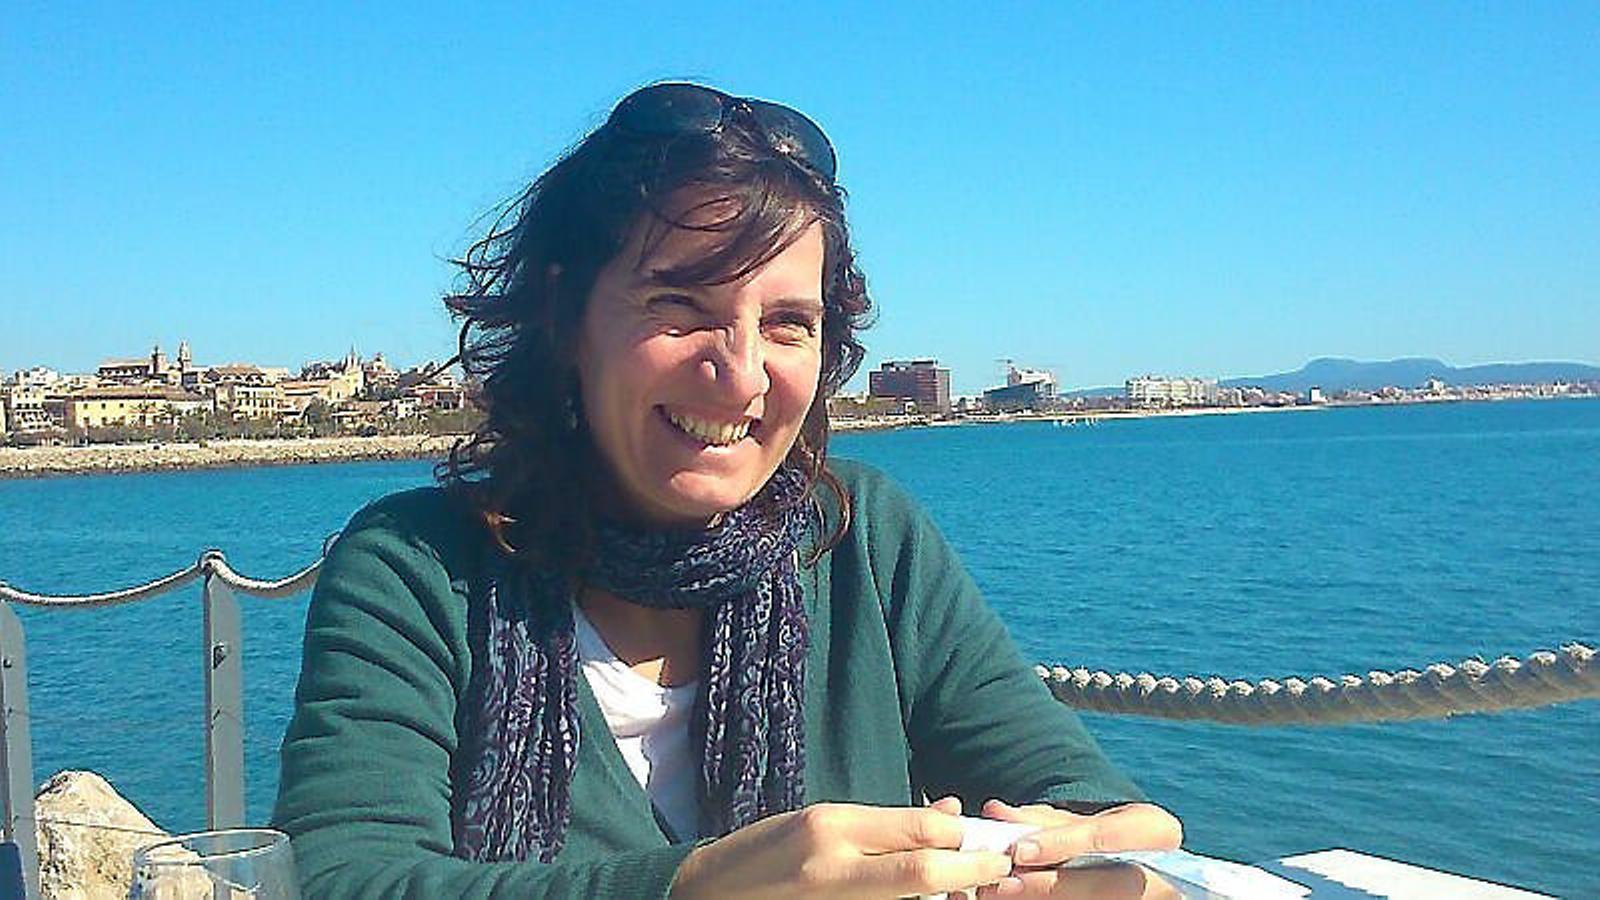 Els pacients agraeixen que els parlis en català, segons Silvia Vega.